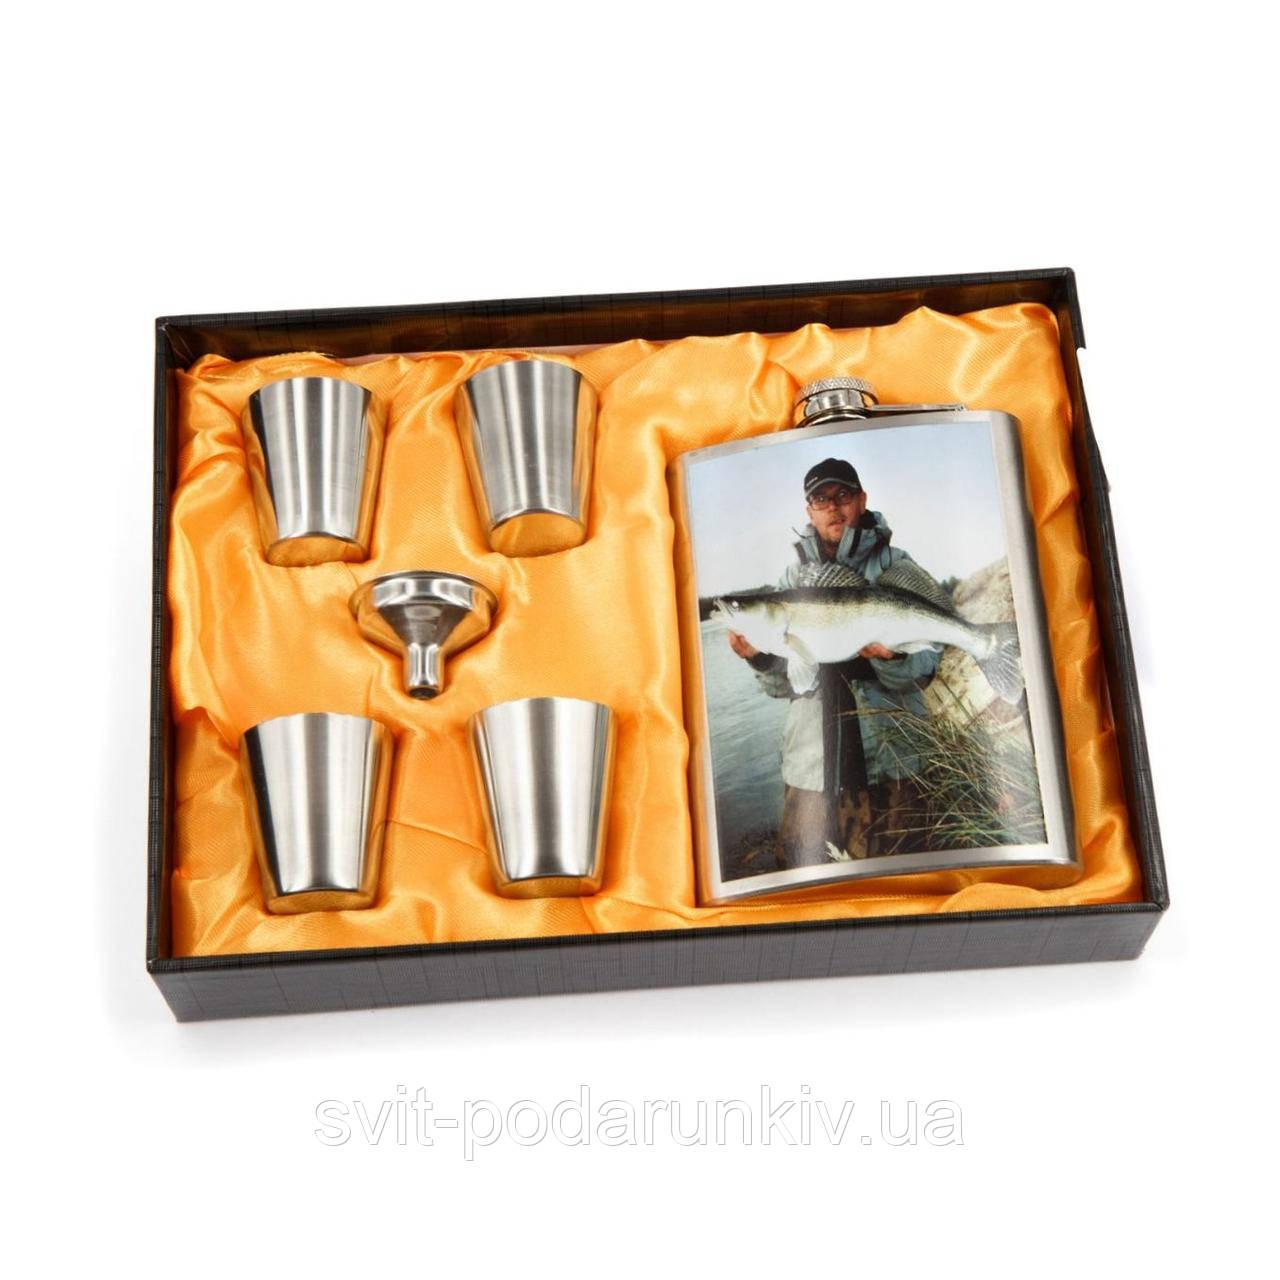 Фляга для алкоголя и рюмки для рыбака AS141